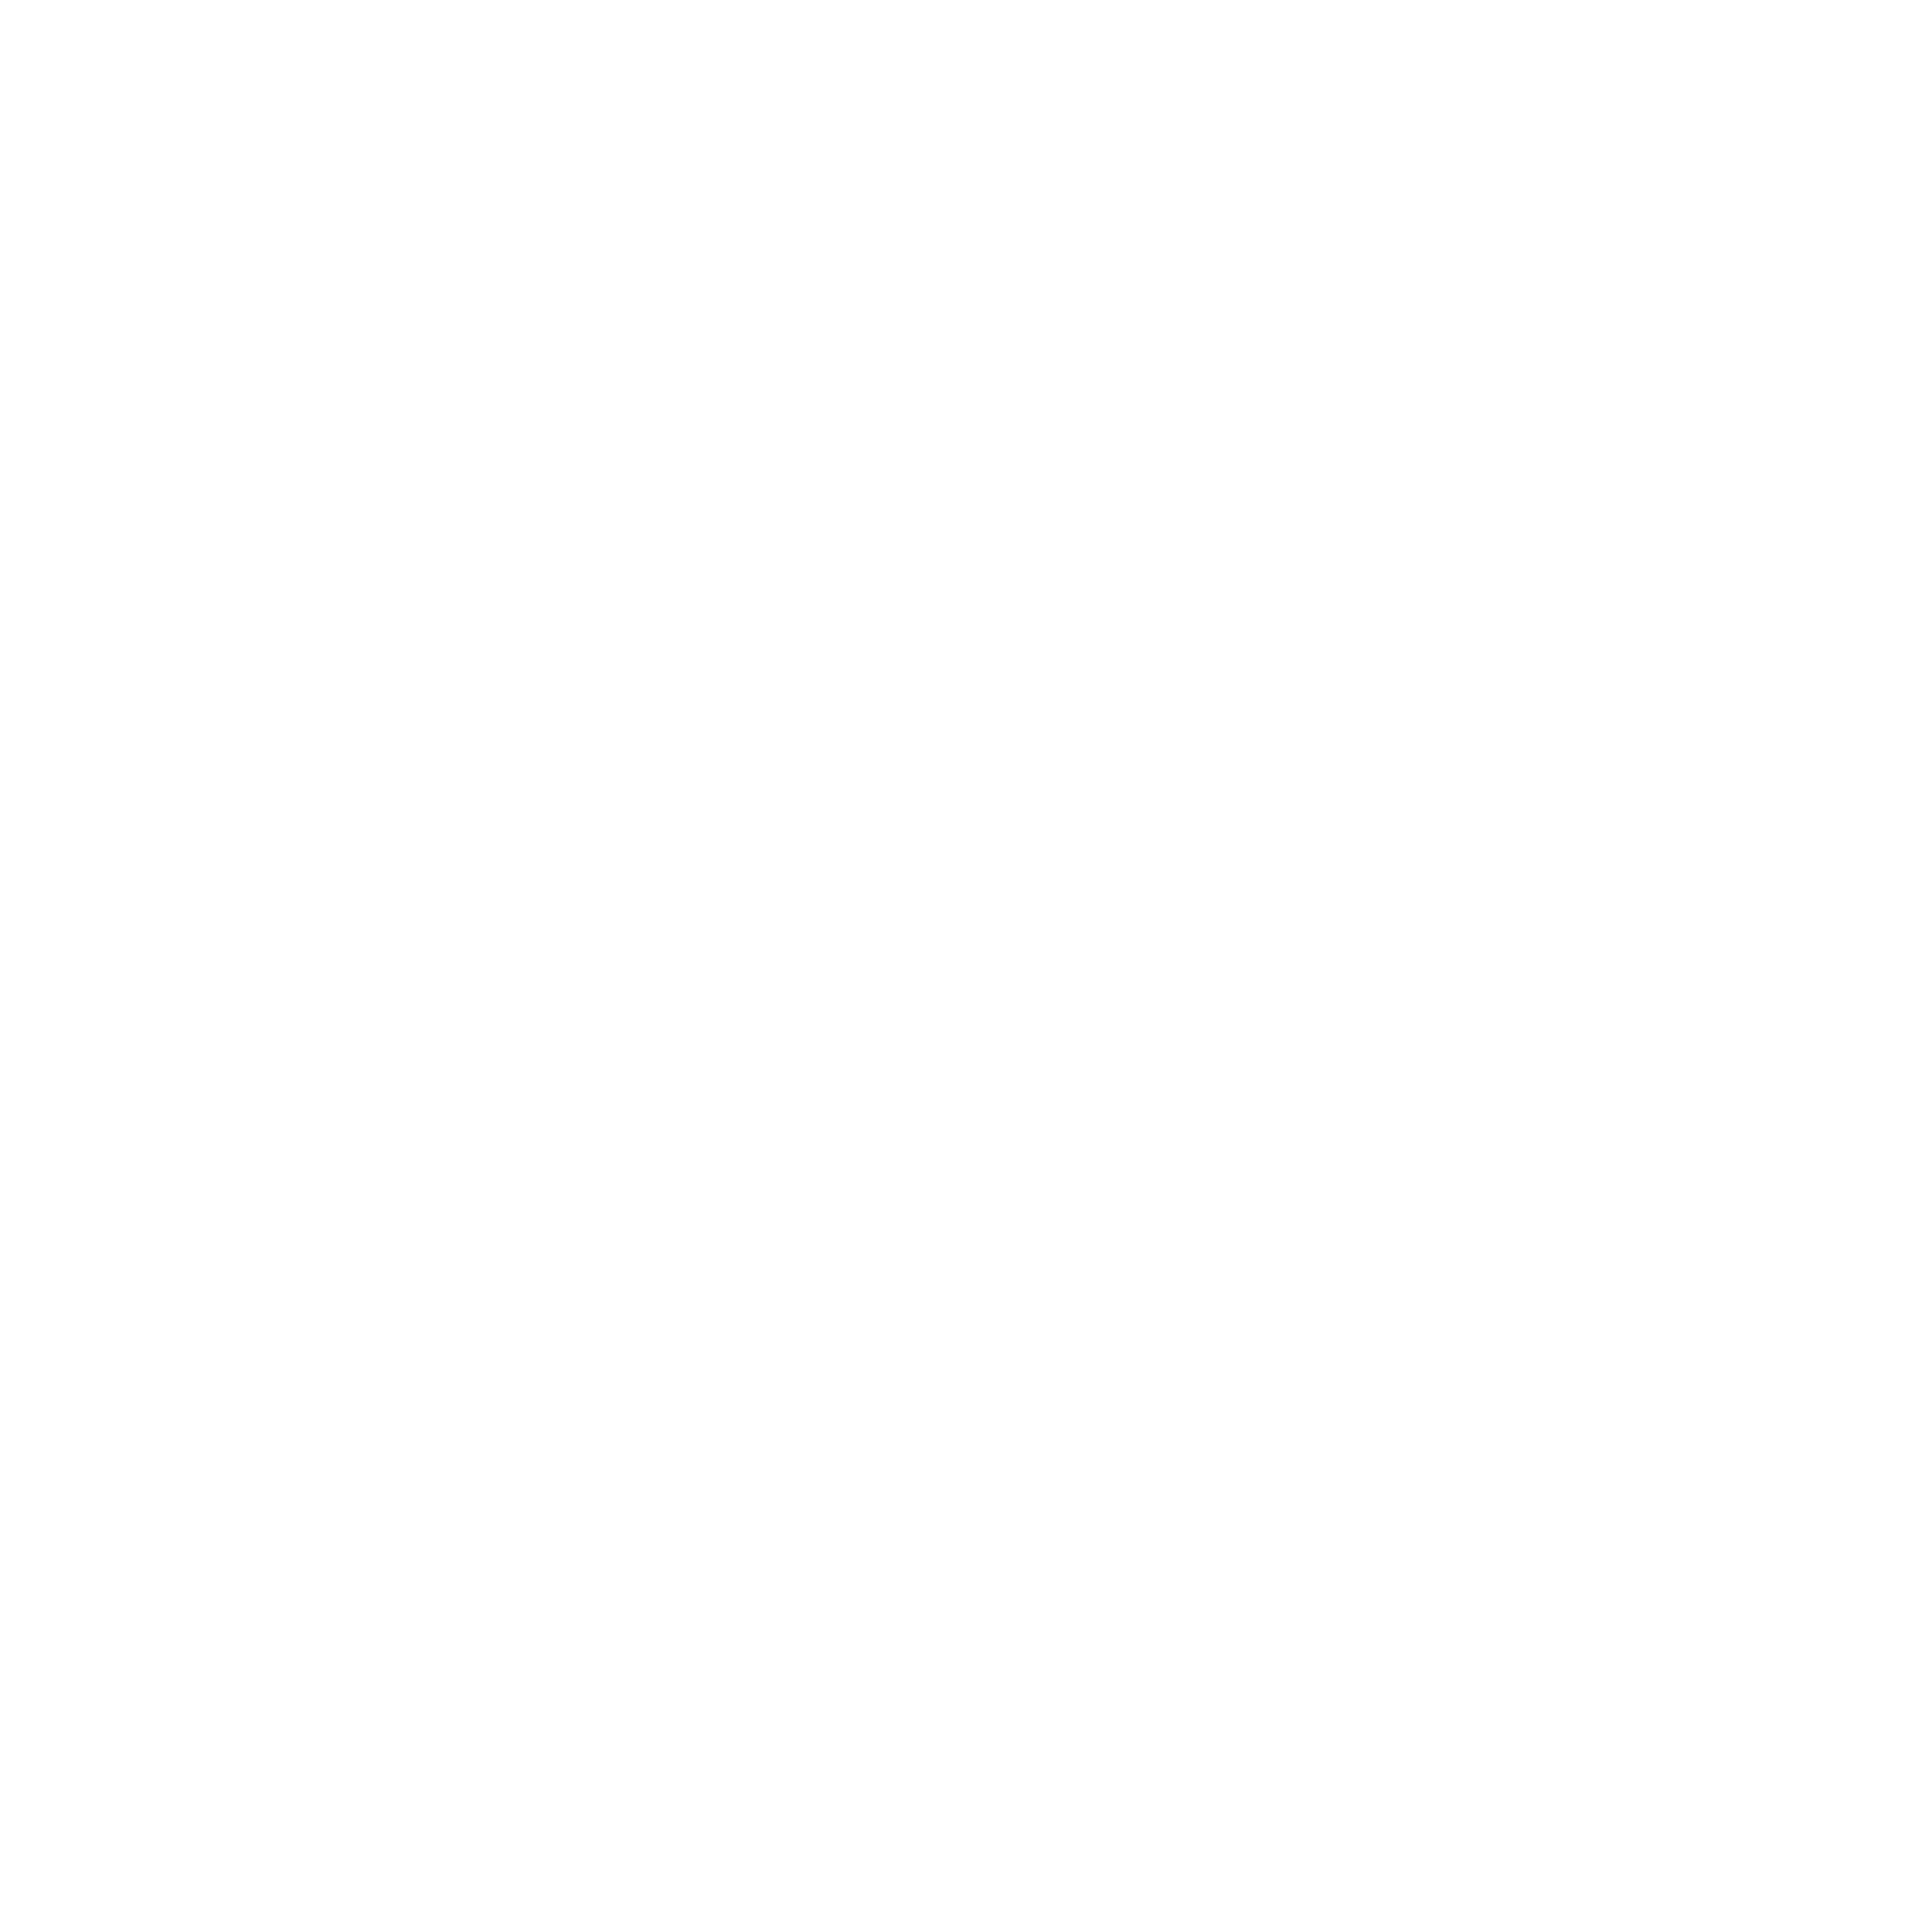 facebook-app-symbol-white